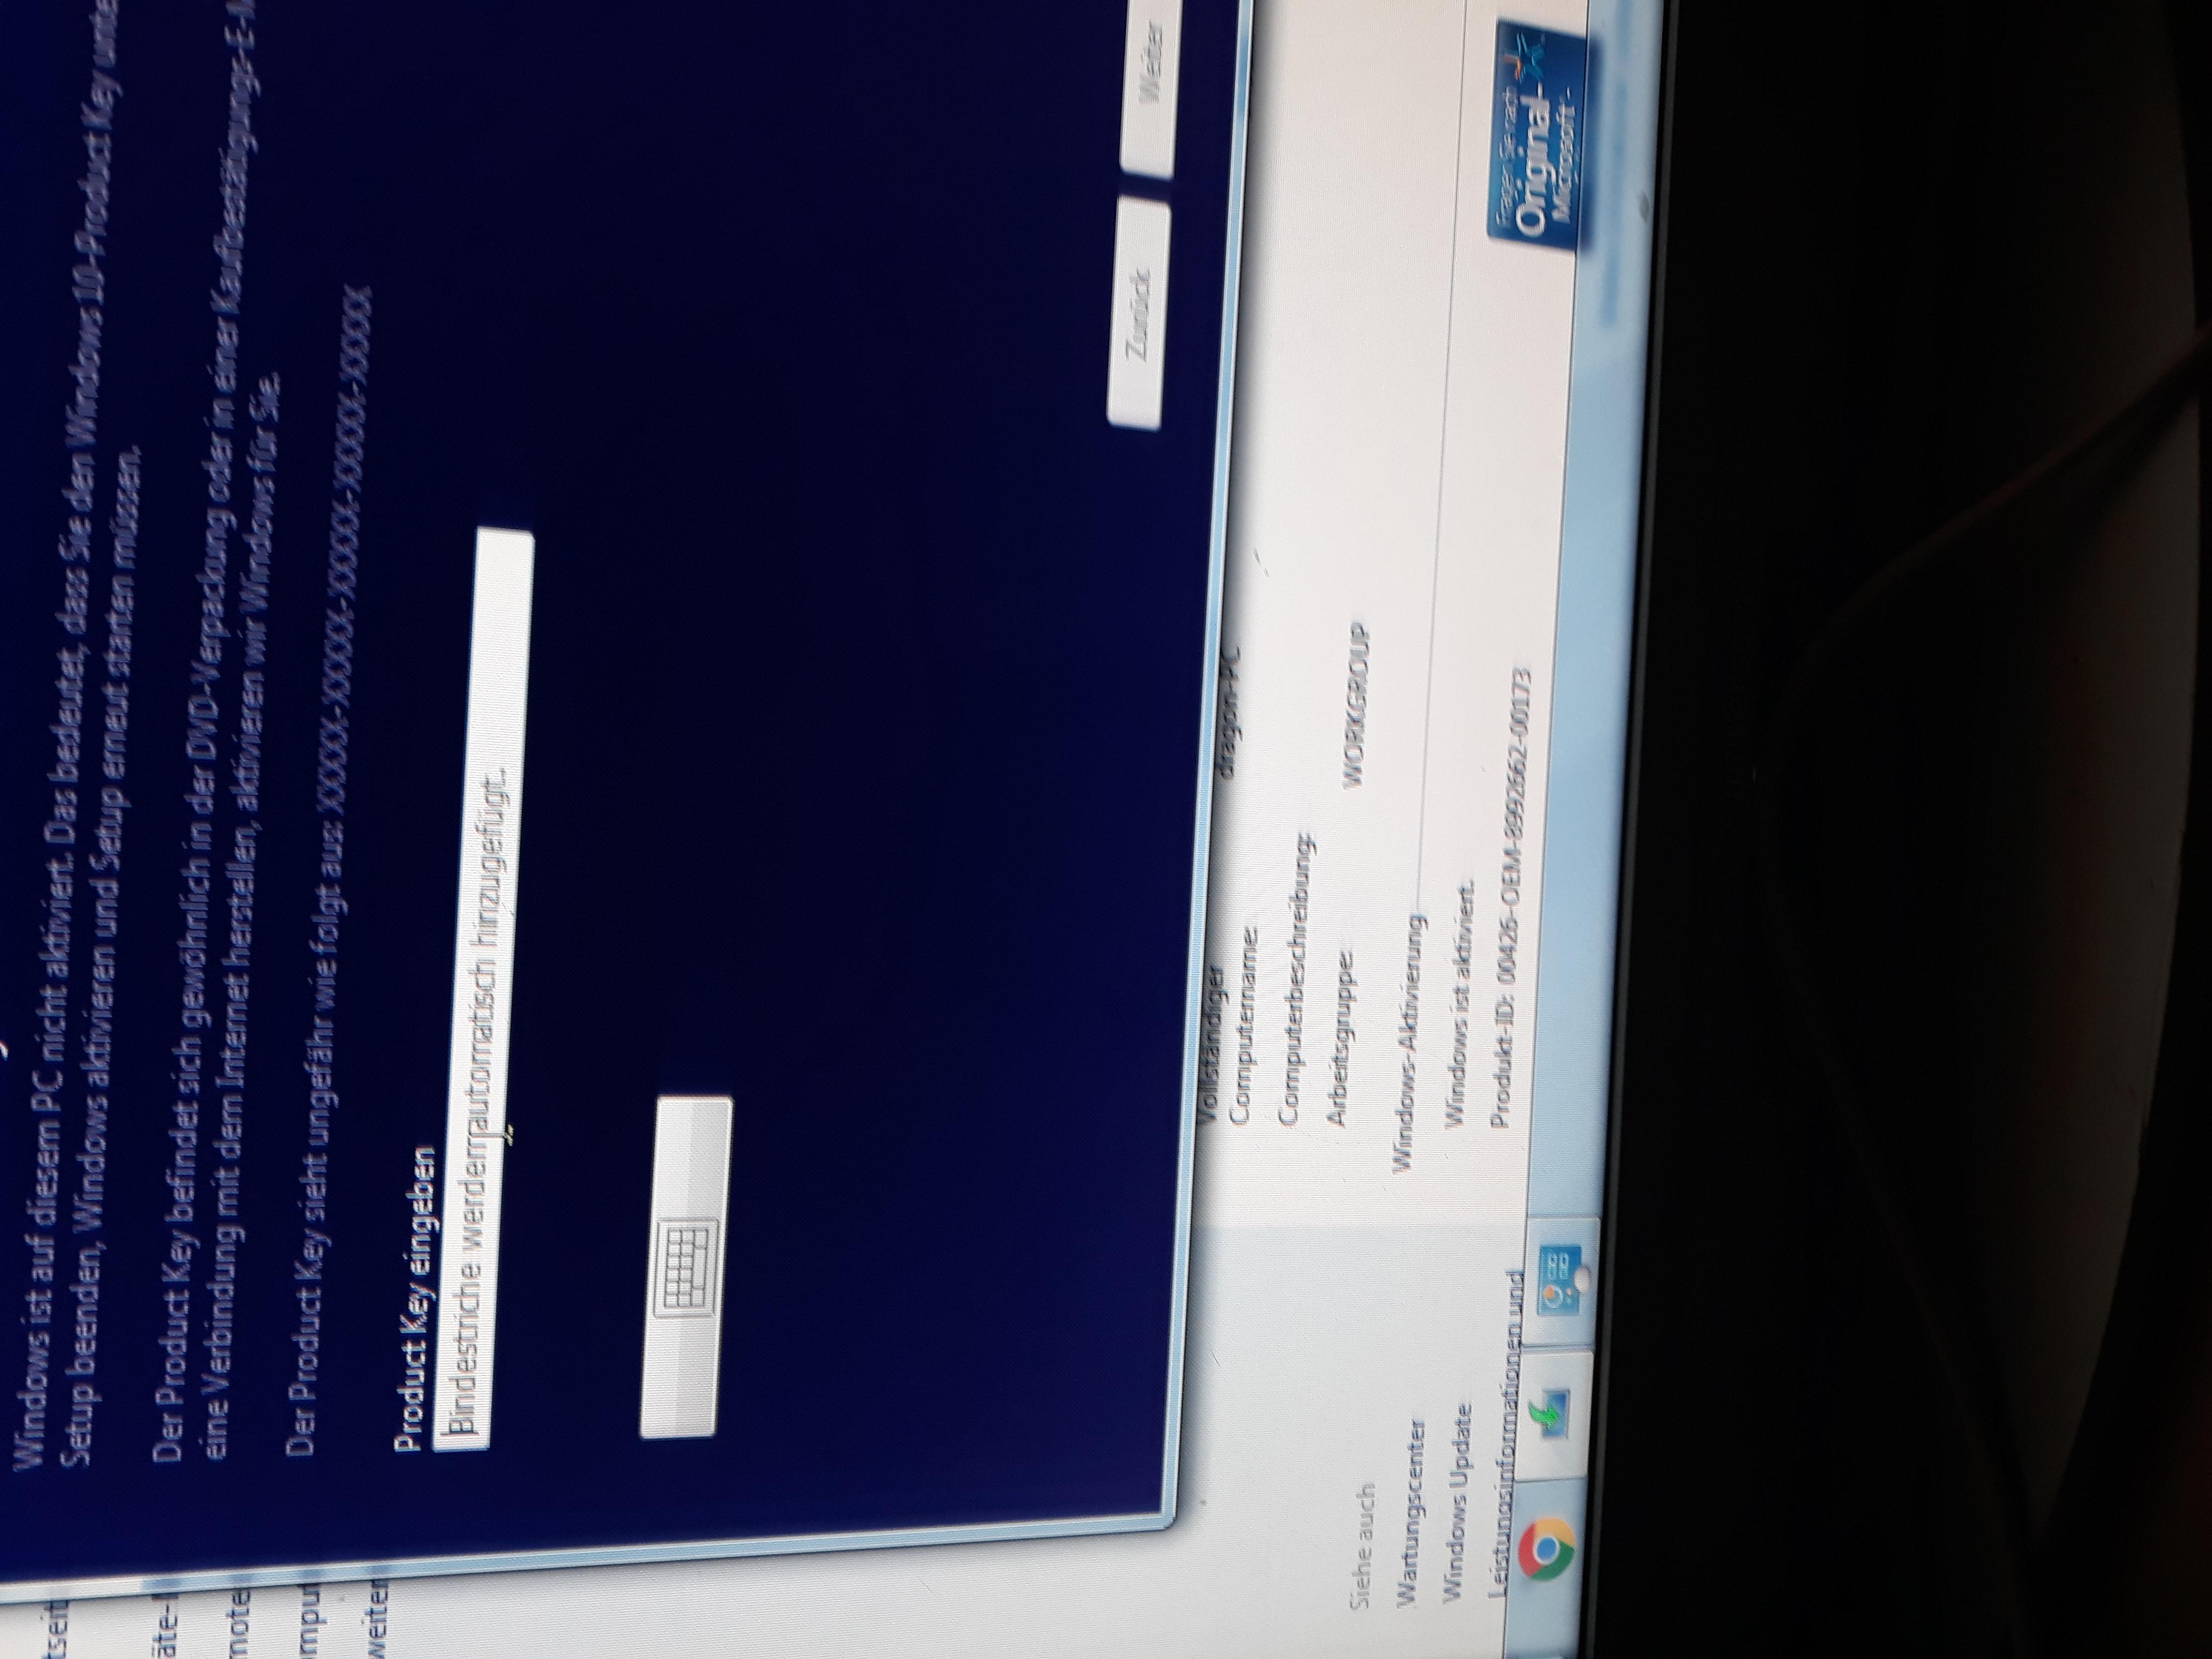 windows 10 product key eingeben funktioniert nicht